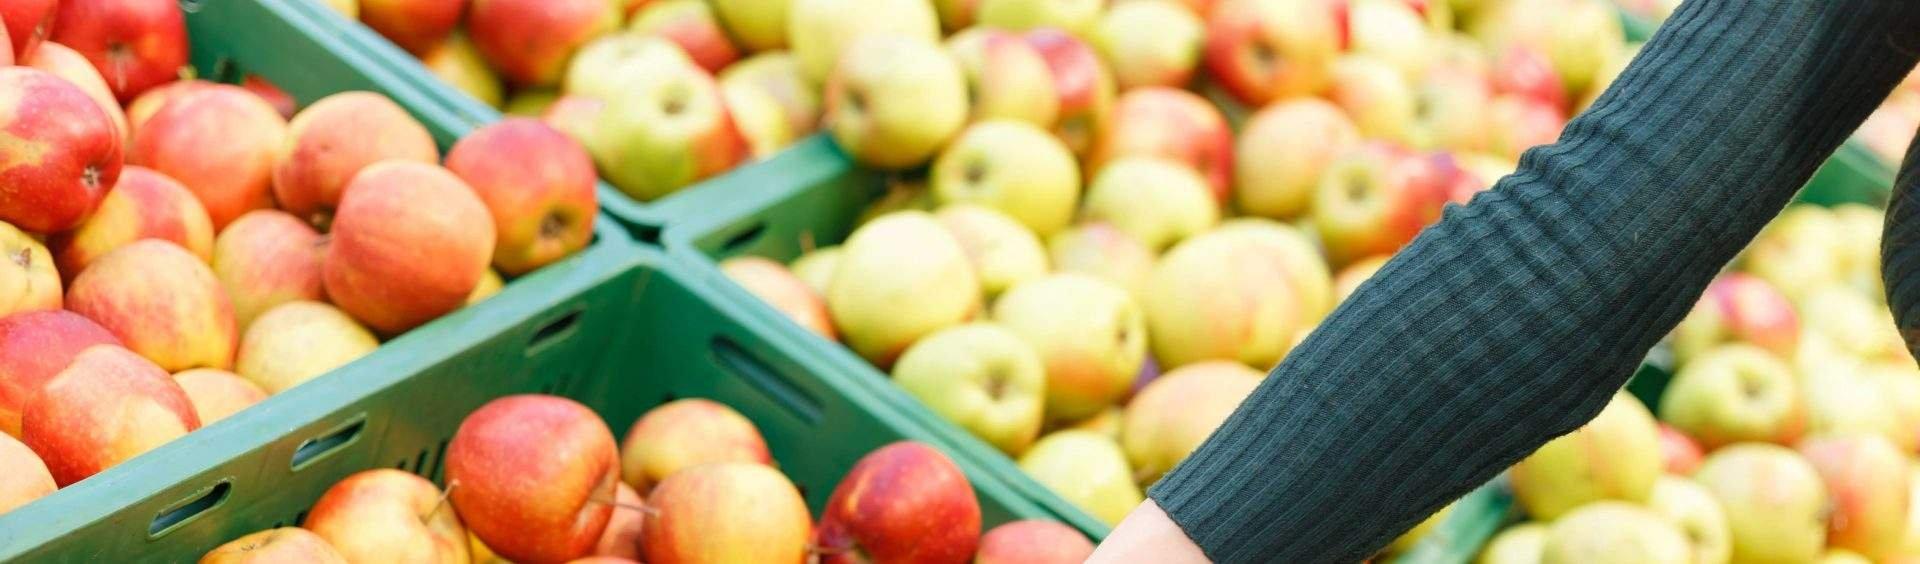 alimentação saudável mais barata